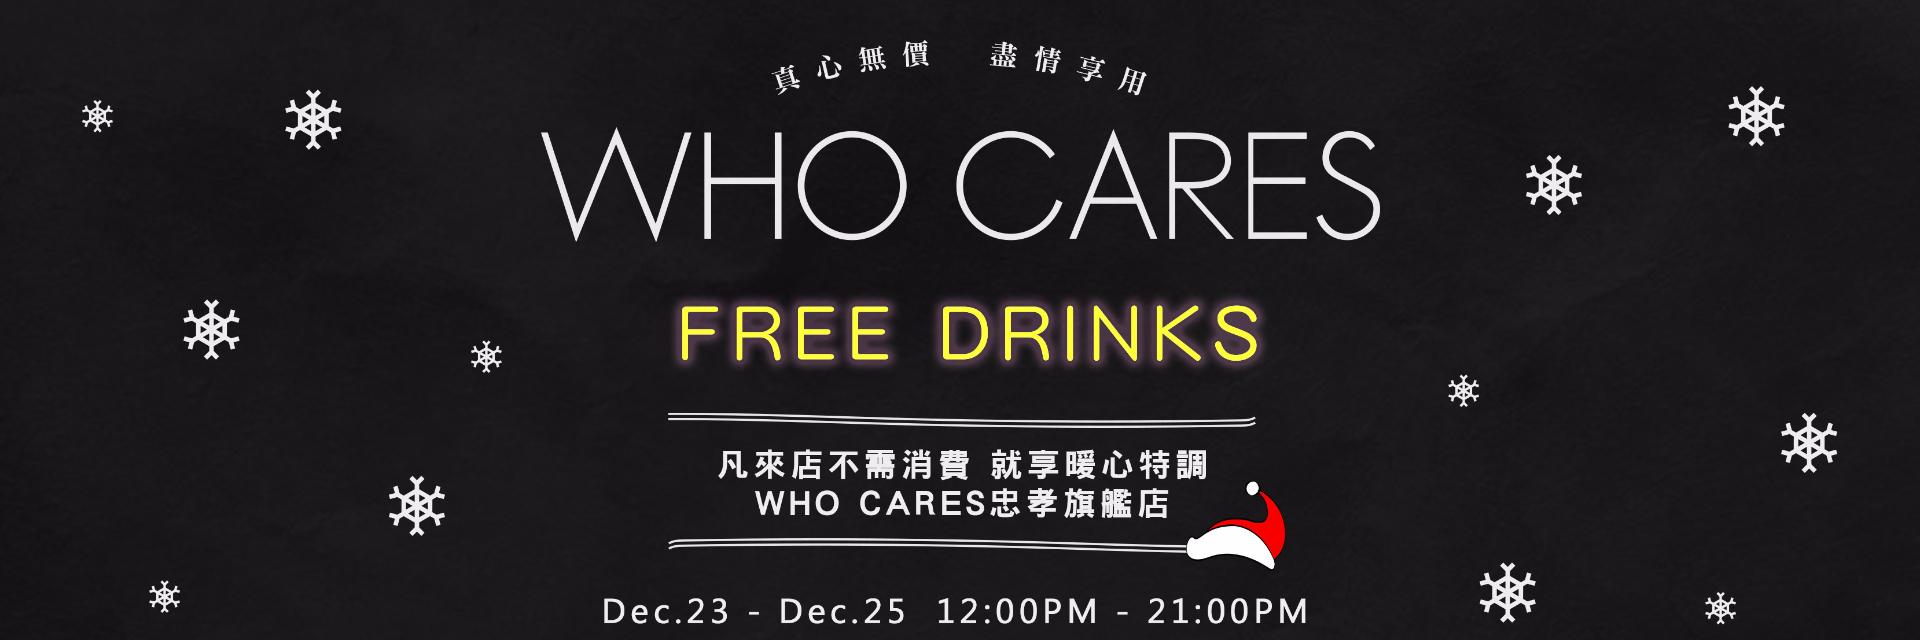 聖誕節沒人陪?WHO CARES!這家咖啡廳讓你耍懶免費喝熱紅酒!聖誕姐妹局就缺這一局!